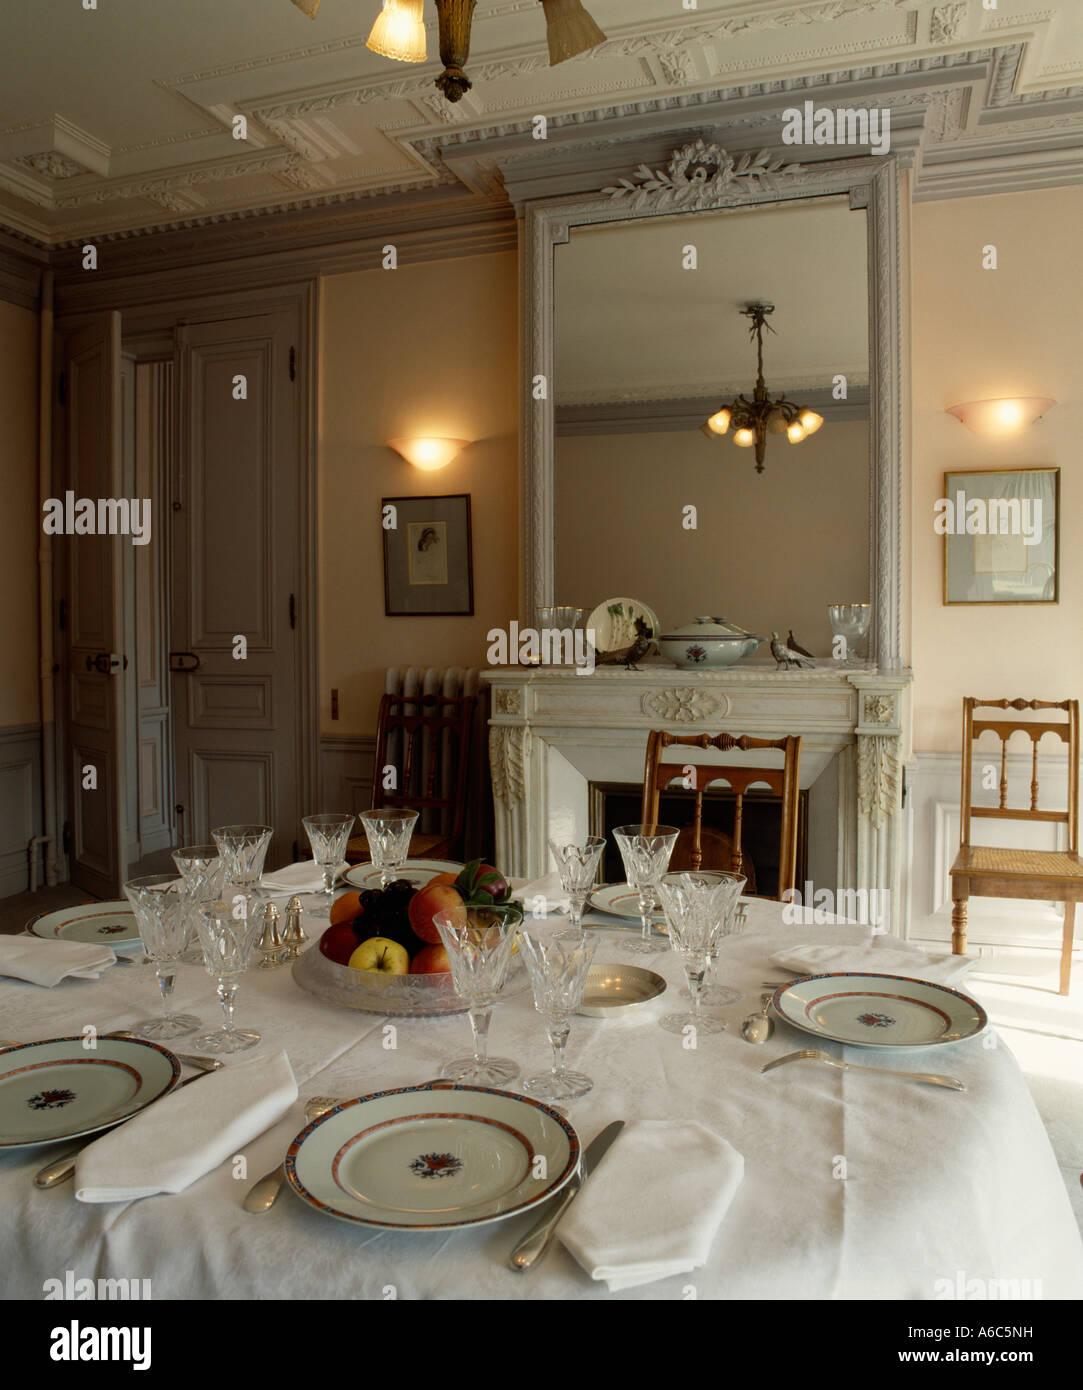 Spiegel überm Esstisch weißen leinentuch und servietten mit gedecke auf esstisch in